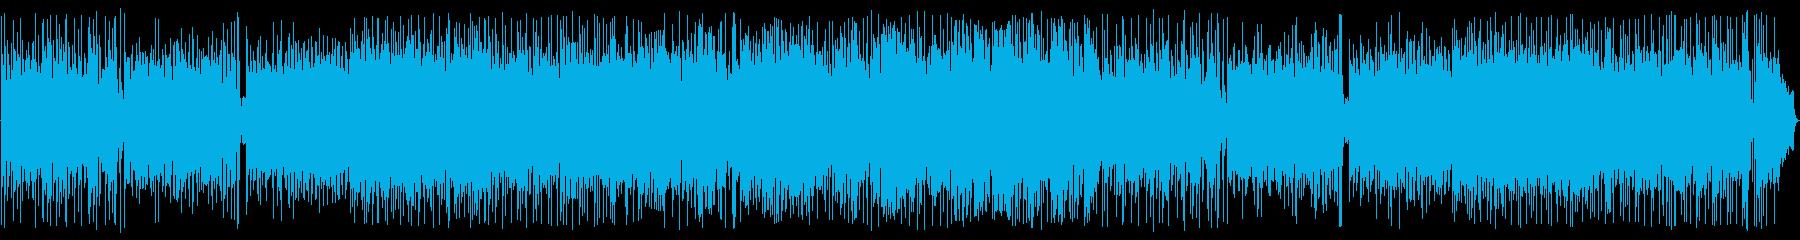 爽やかPopなBGMの再生済みの波形